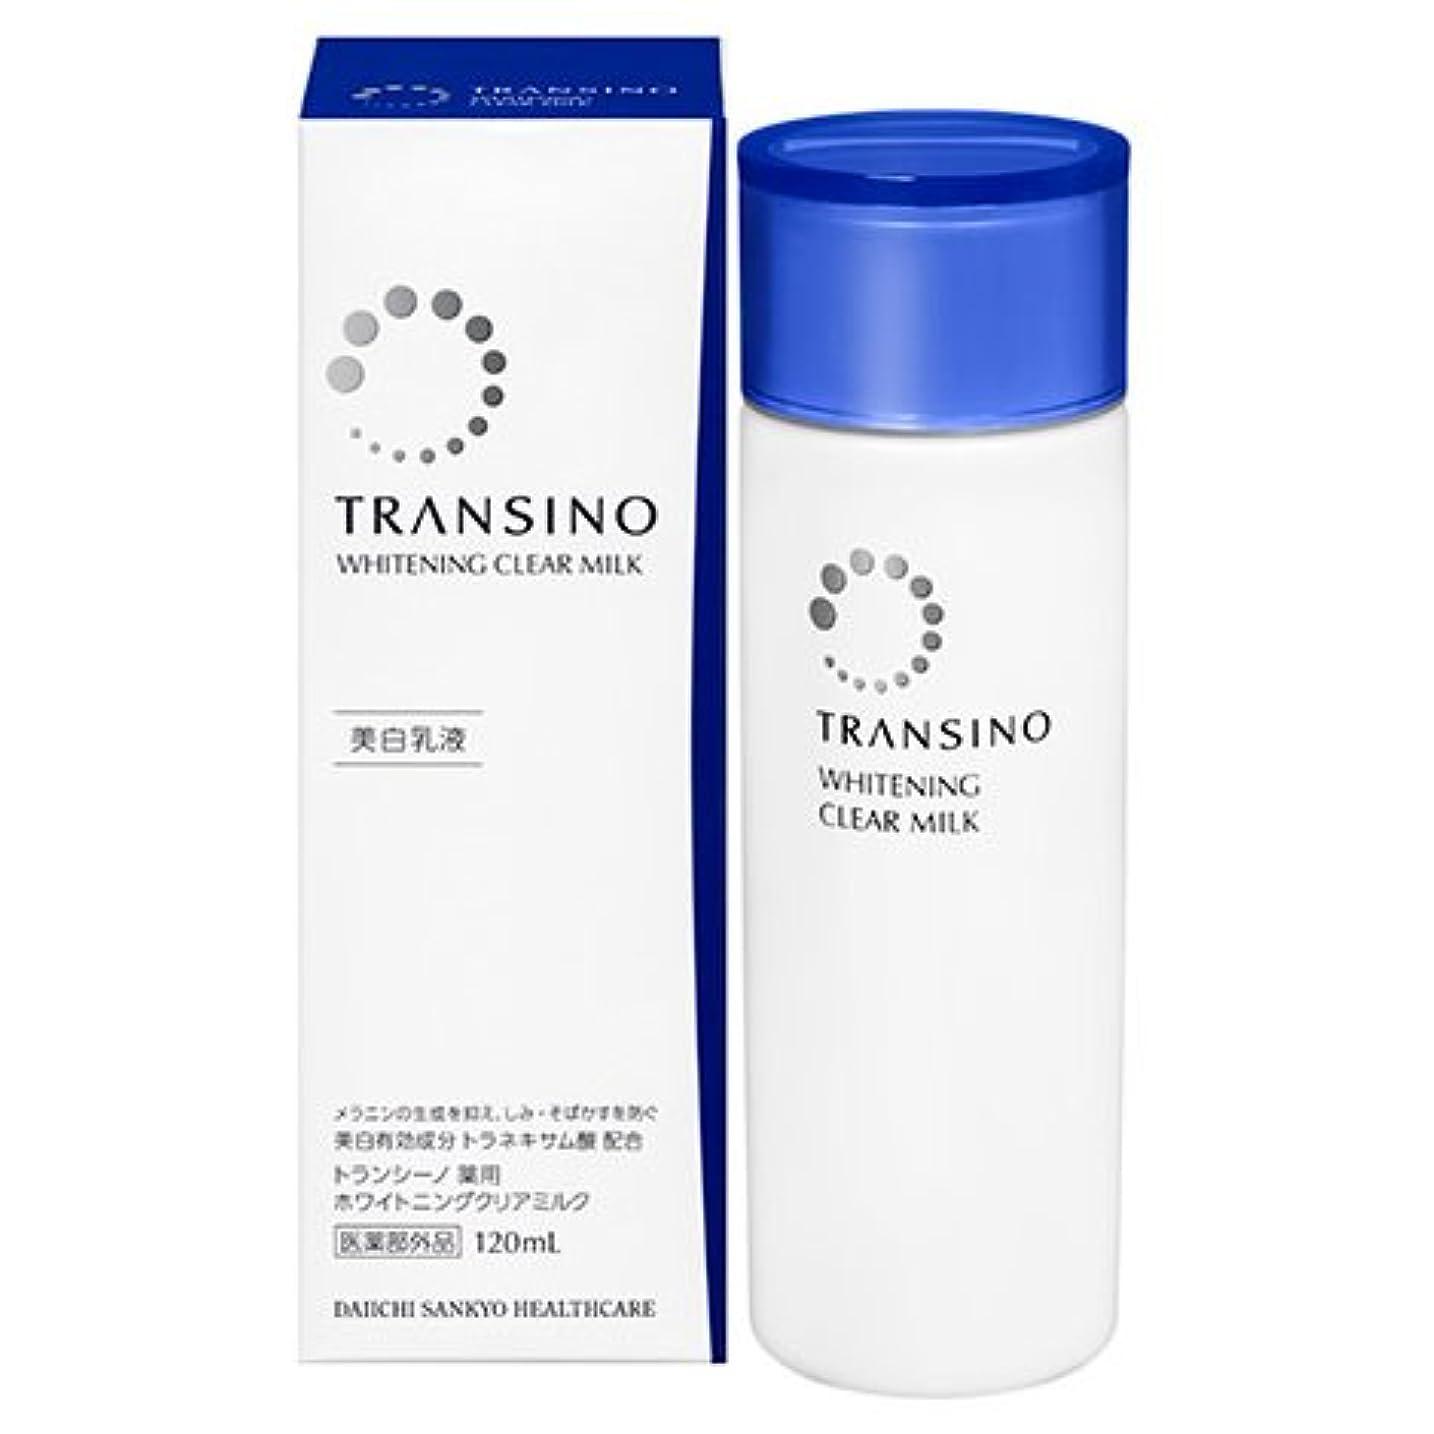 立ち寄る定規役割トランシーノ 薬用ホワイトニングクリアミルク 120ml [並行輸入品]